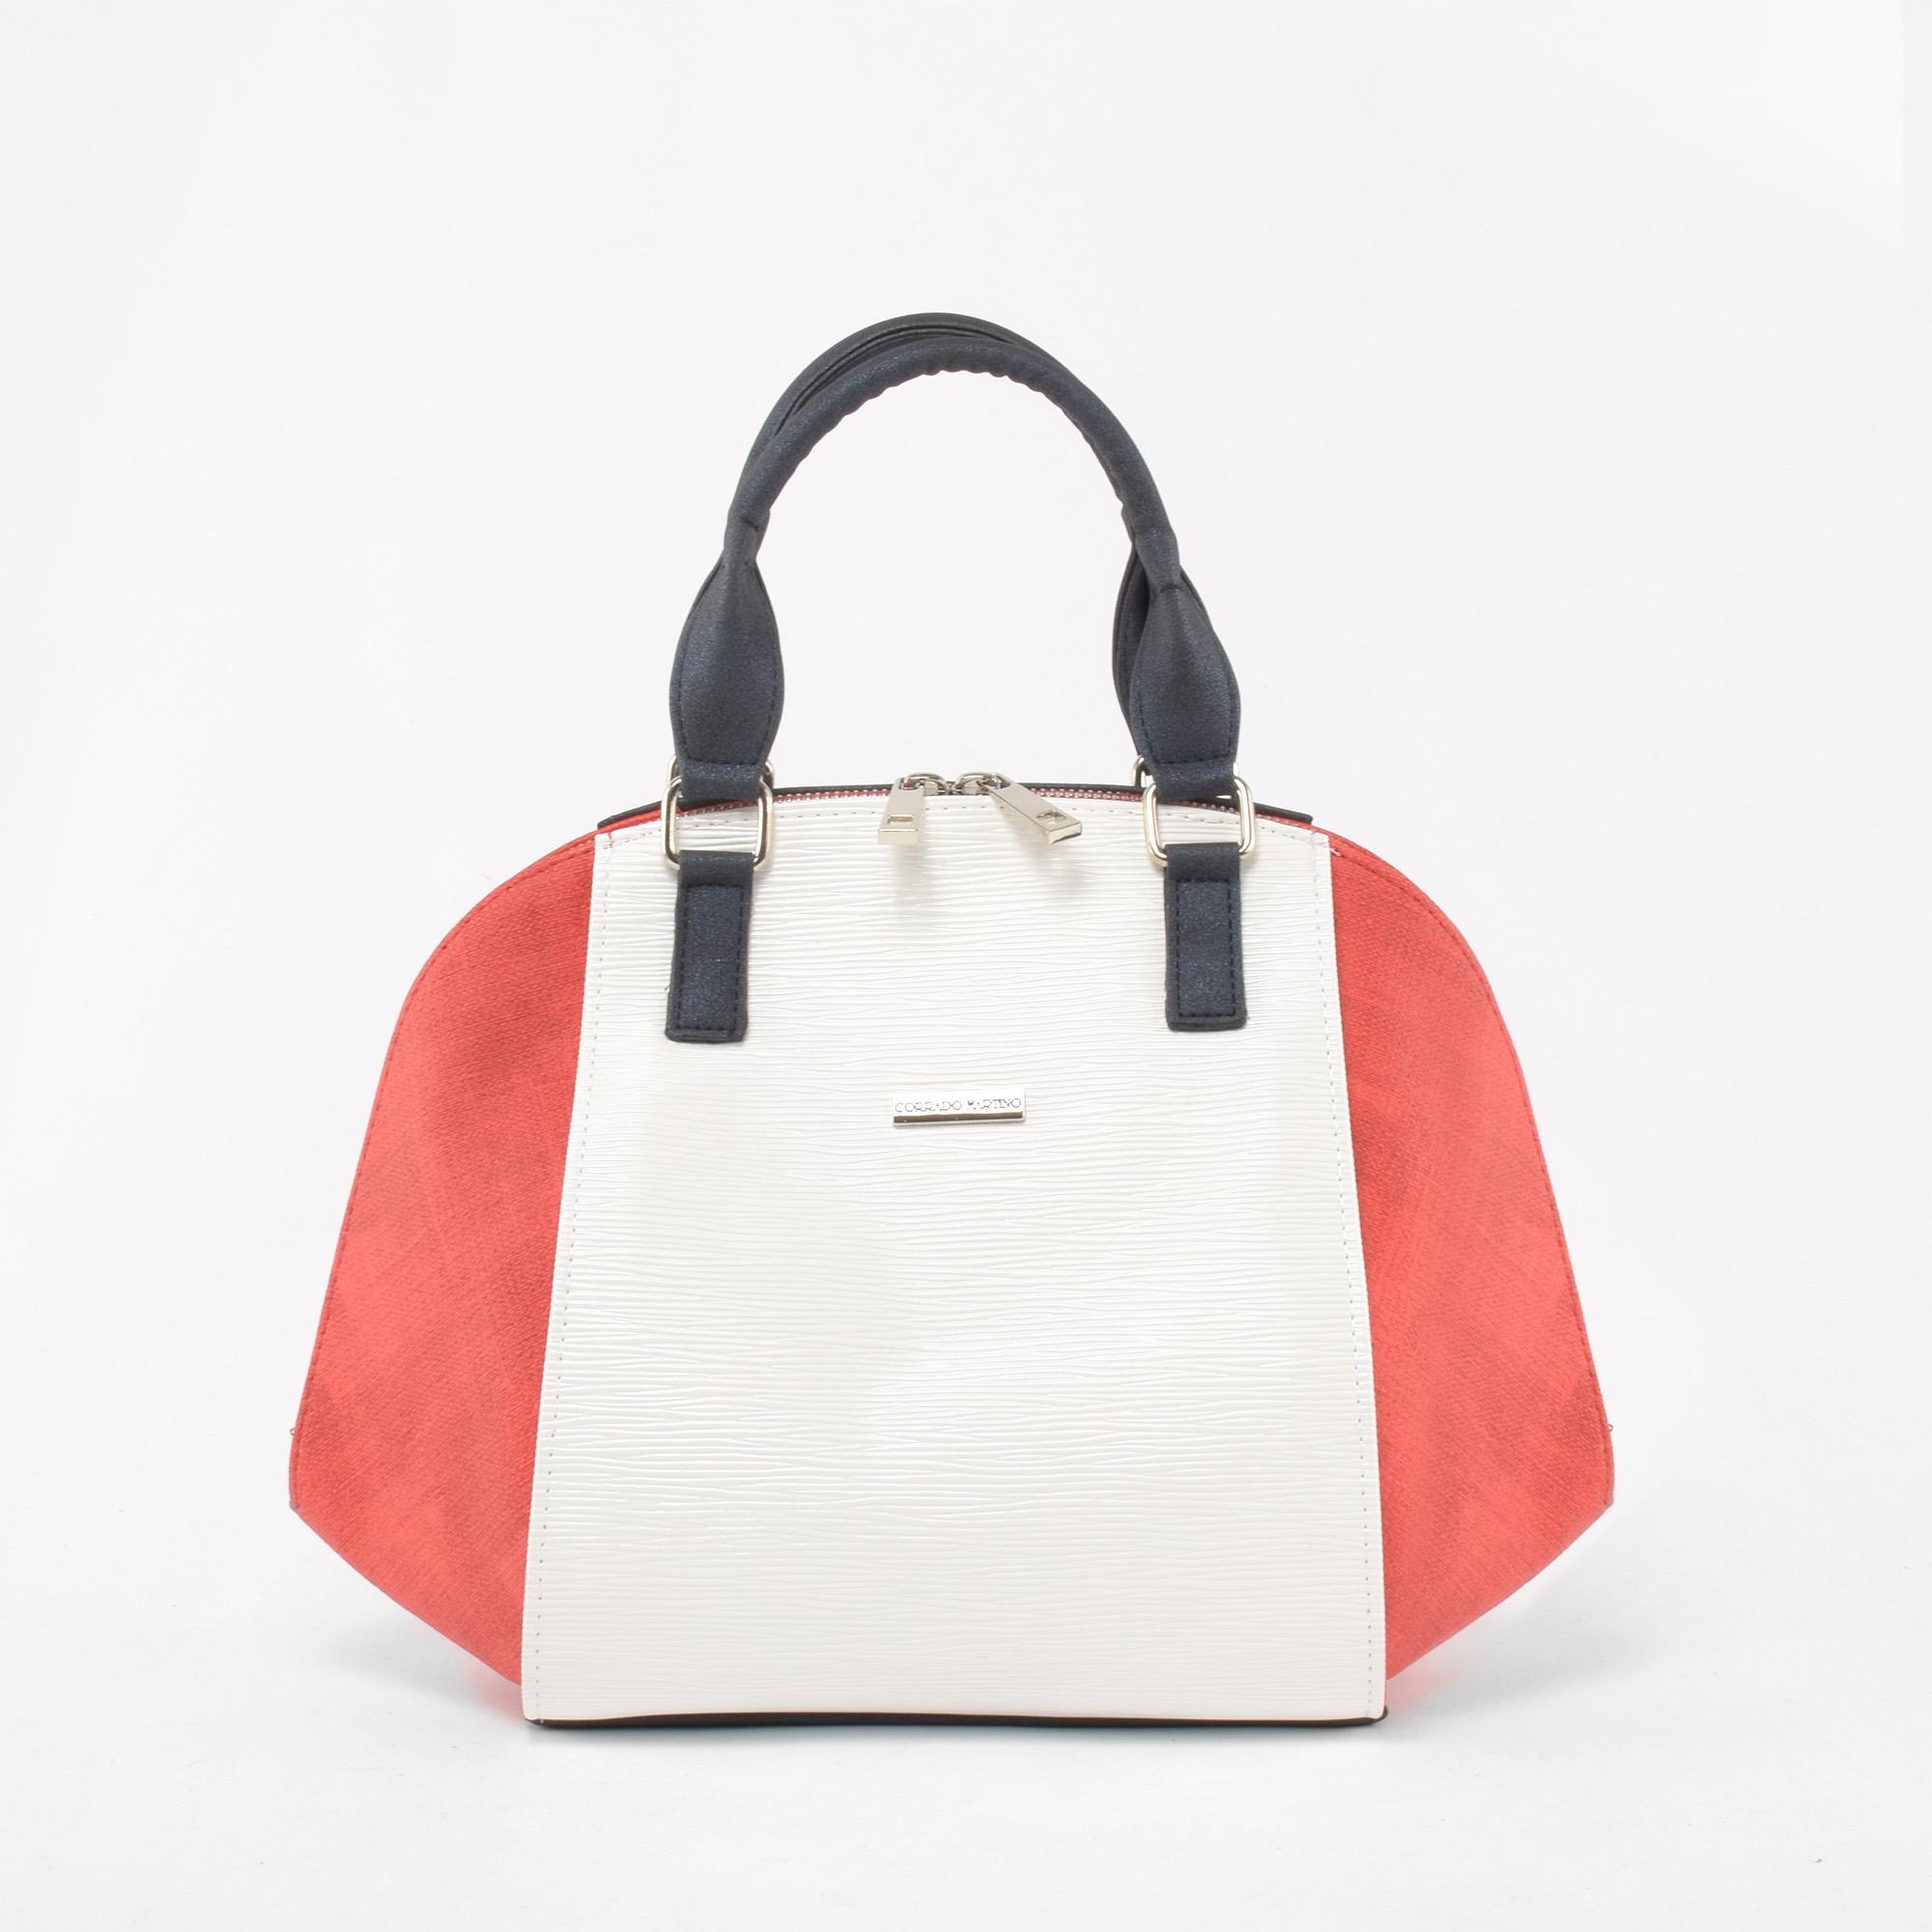 668706bd2a17 Corrado Martino Fehér-Piros Kis Kézitáska - Kézitáskák - Táska webáruház - Minőségi  táskák mindenkinek